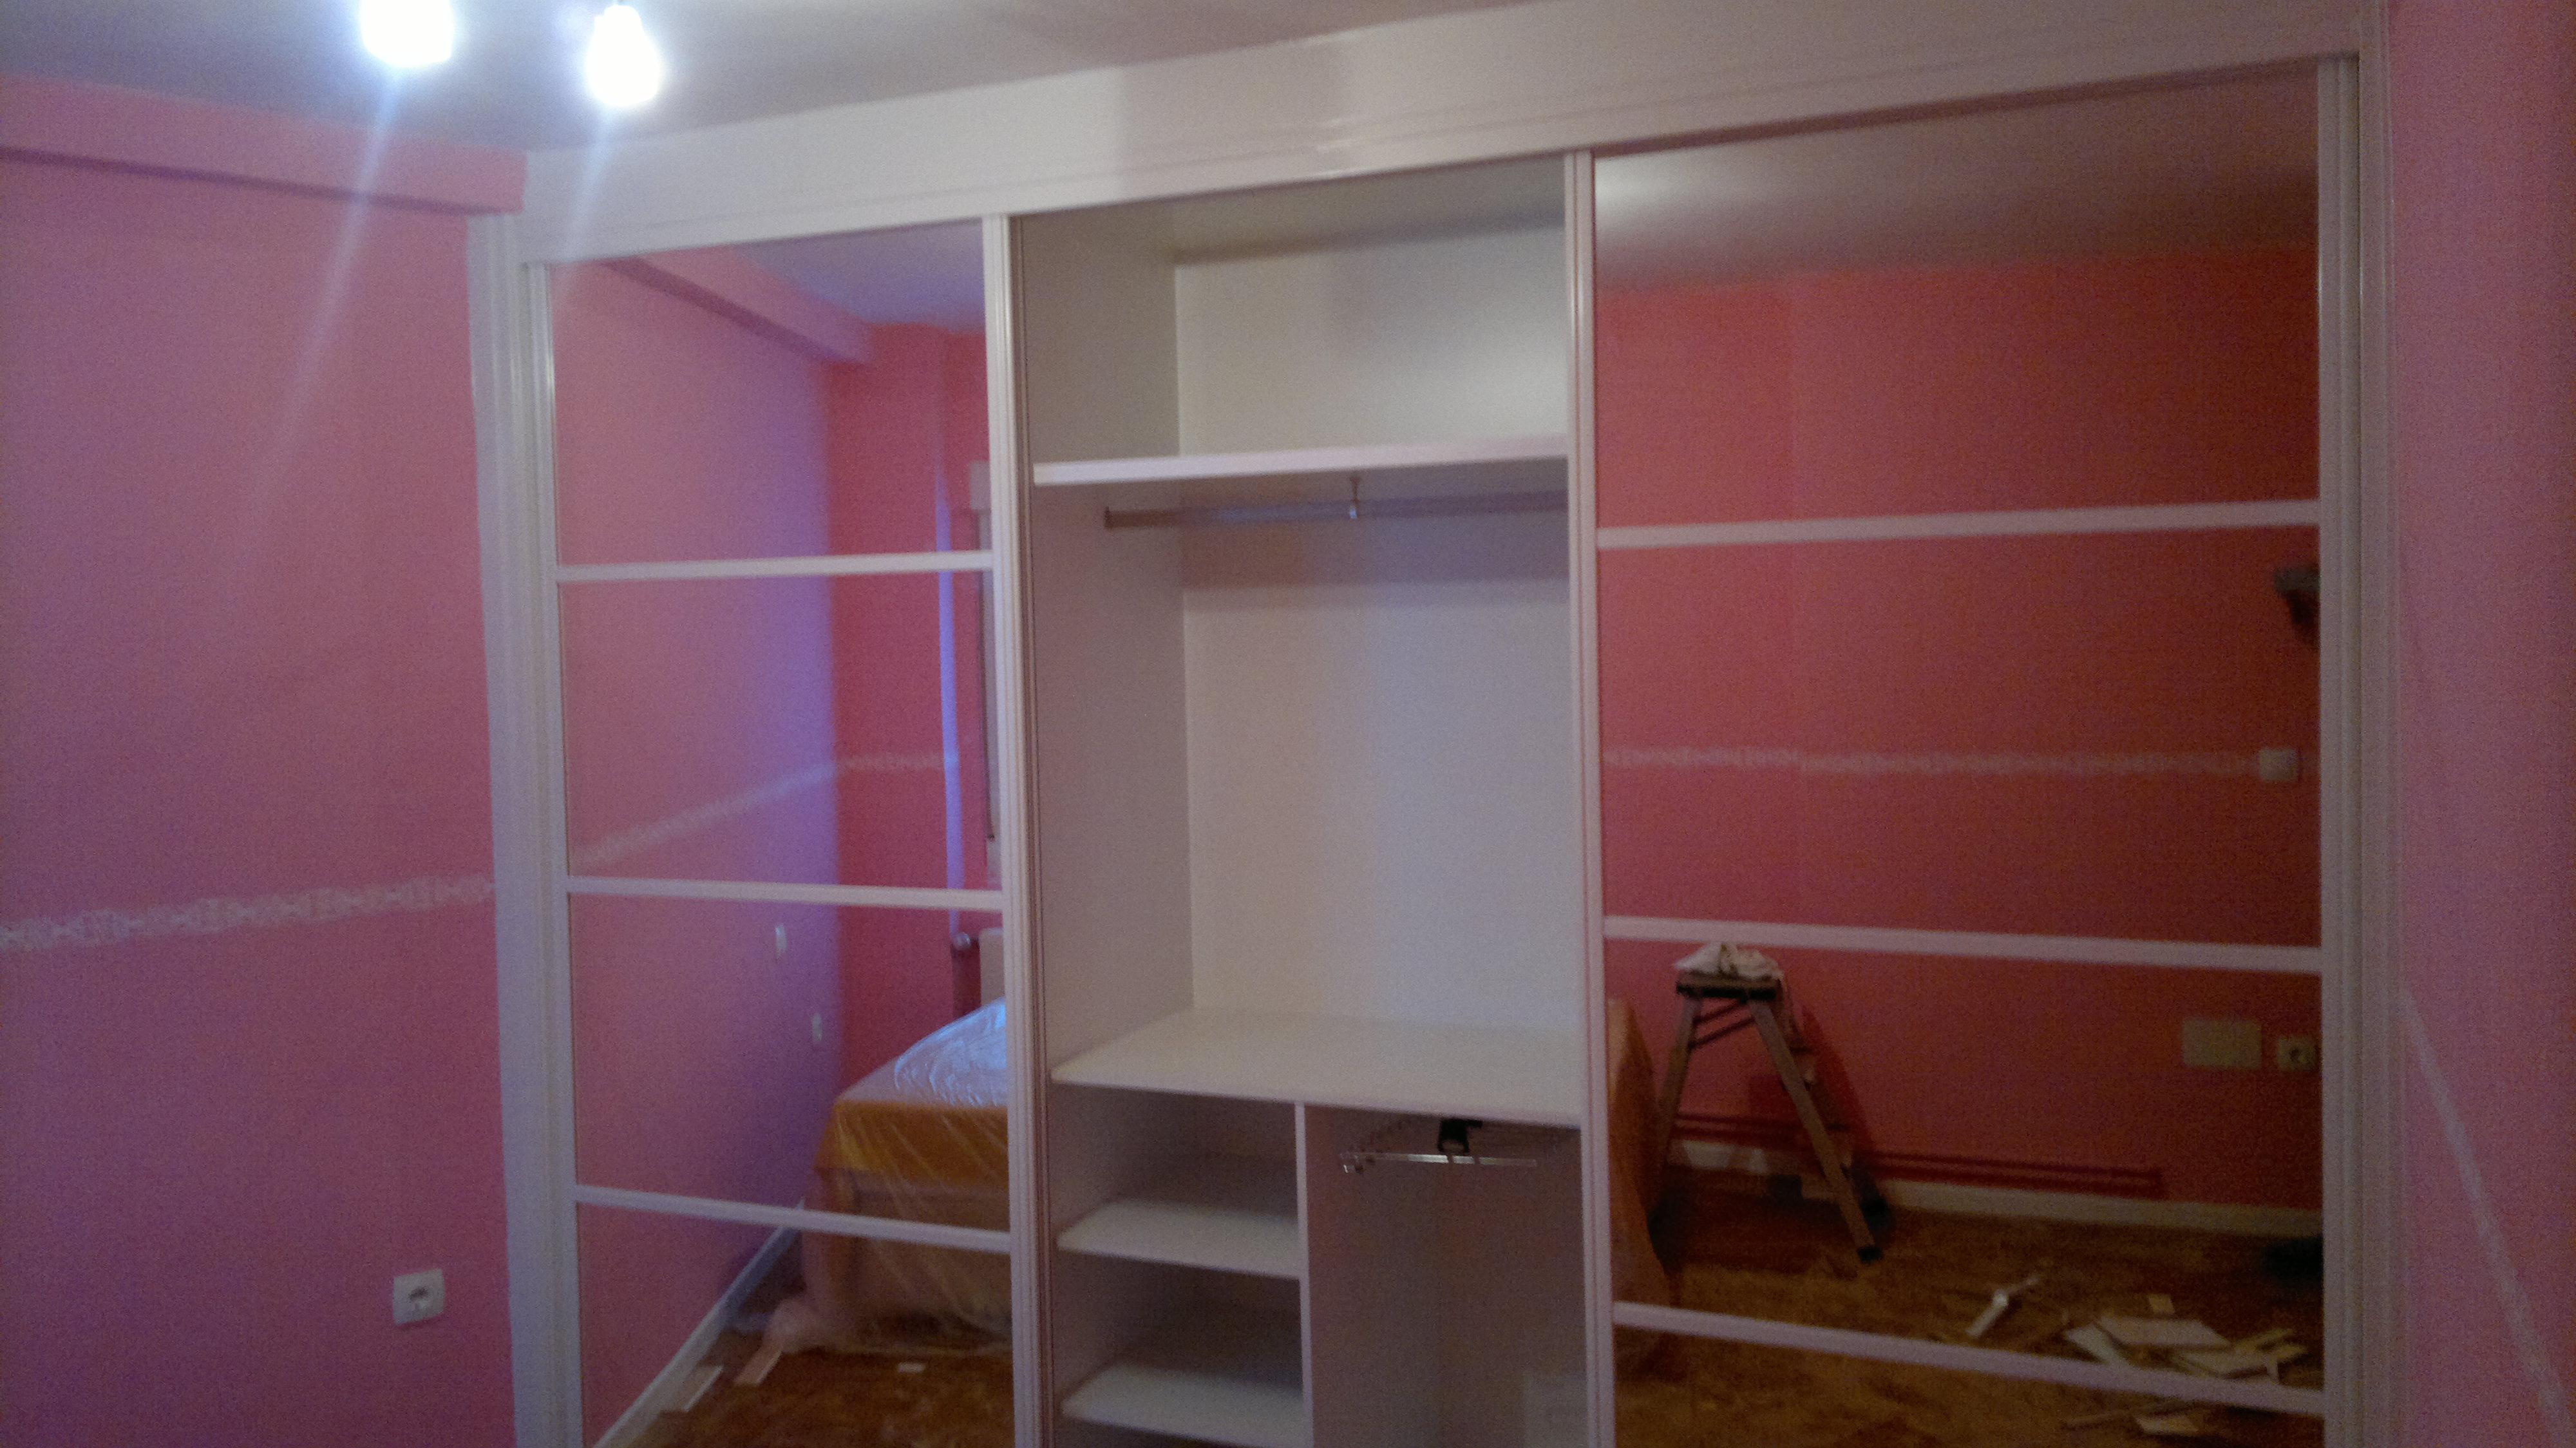 Carpinteria olcar fotos armarios empotrados cartes - Puertas de espejo ...